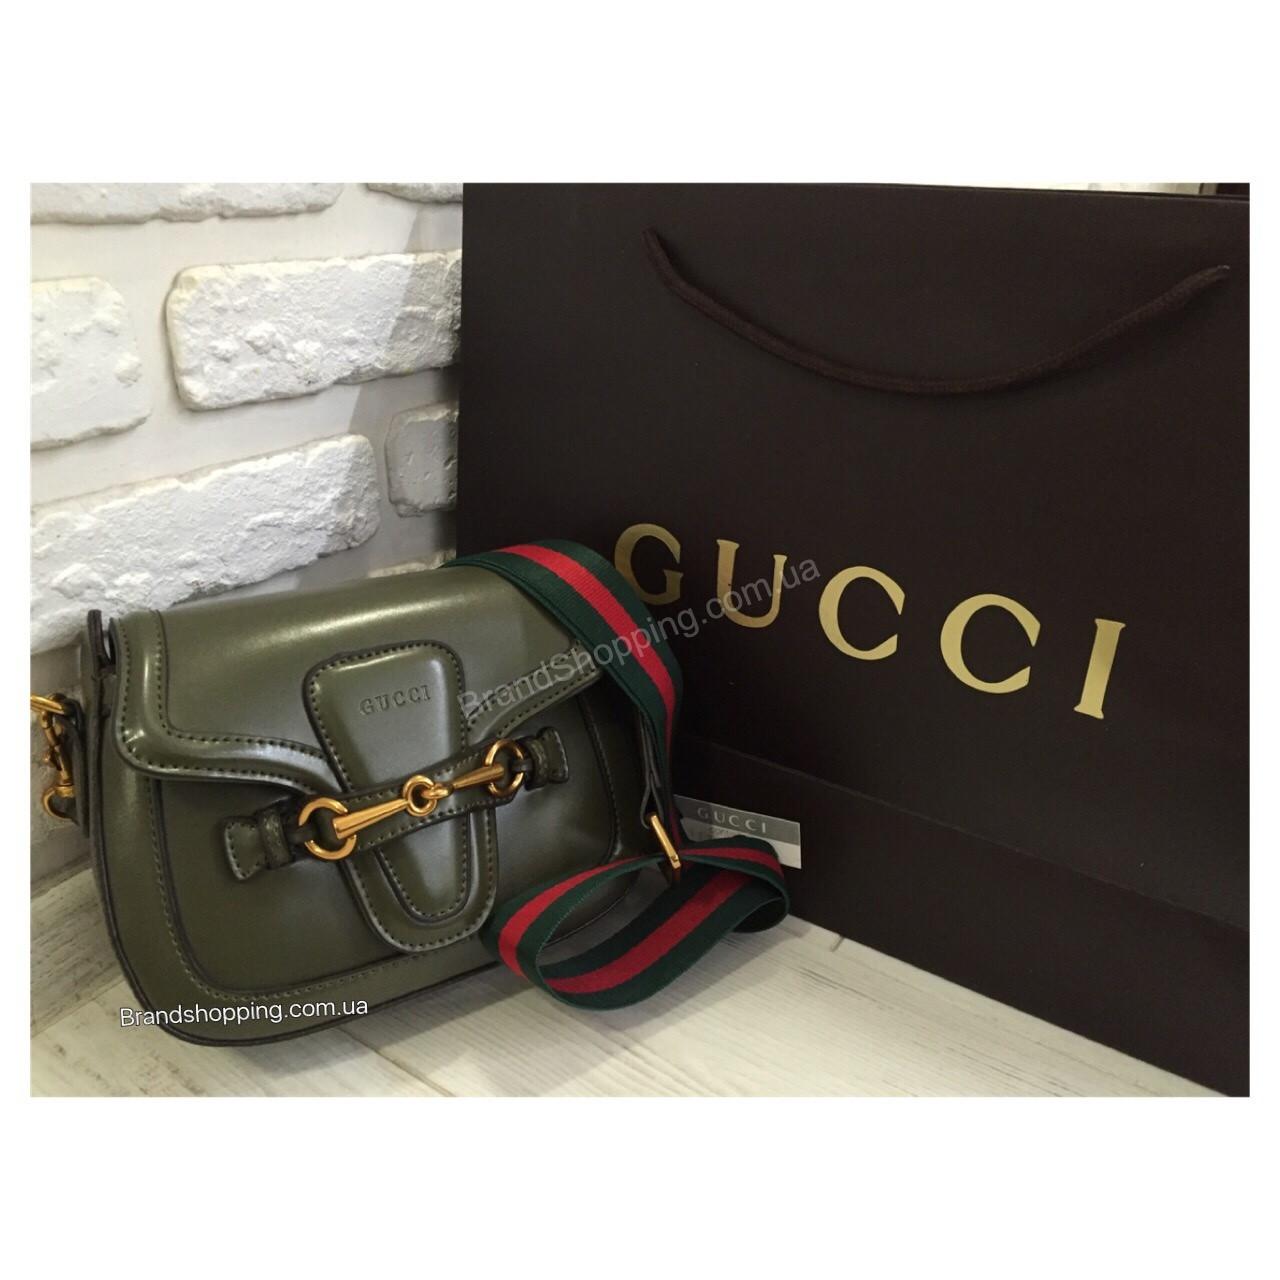 Женская кожаная сумка Gucci 0427 - купить по лучшей цене в Украине ... d25508f7227